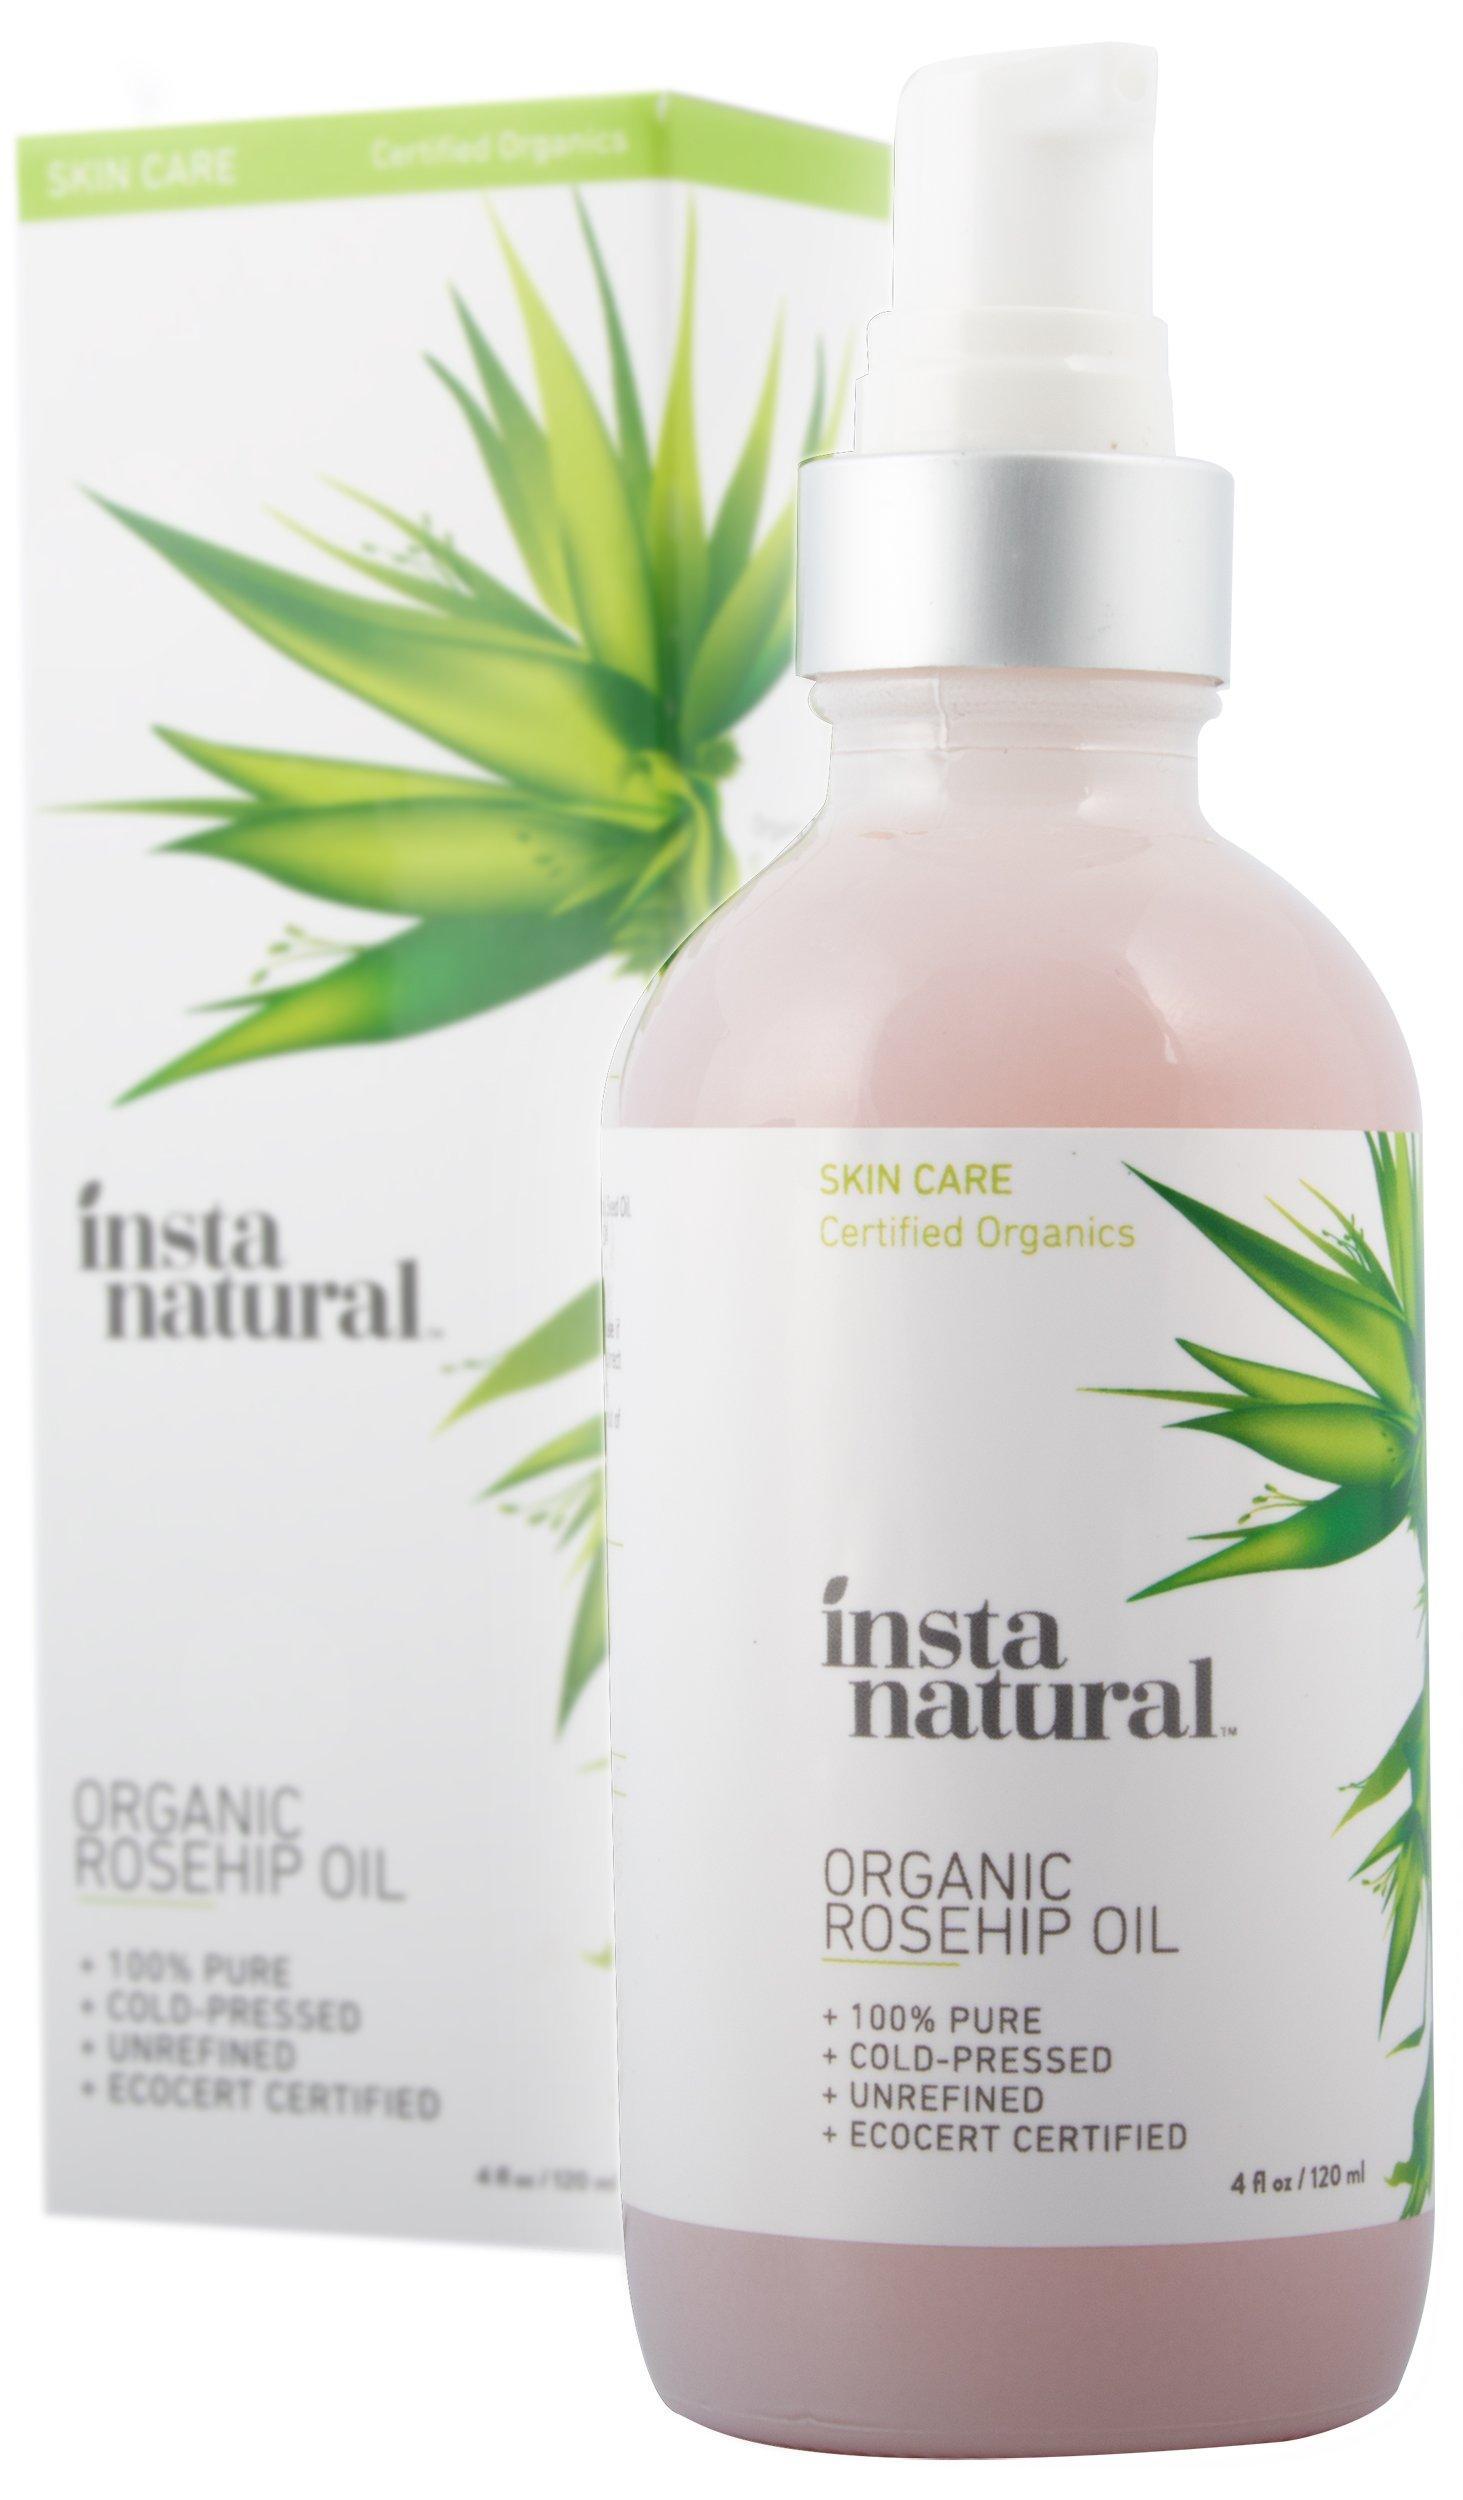 Aceite de Semillas de Rosa Mosqueta InstaNatural - Hidratante Orgánico Unisex Prensado en Frío para la